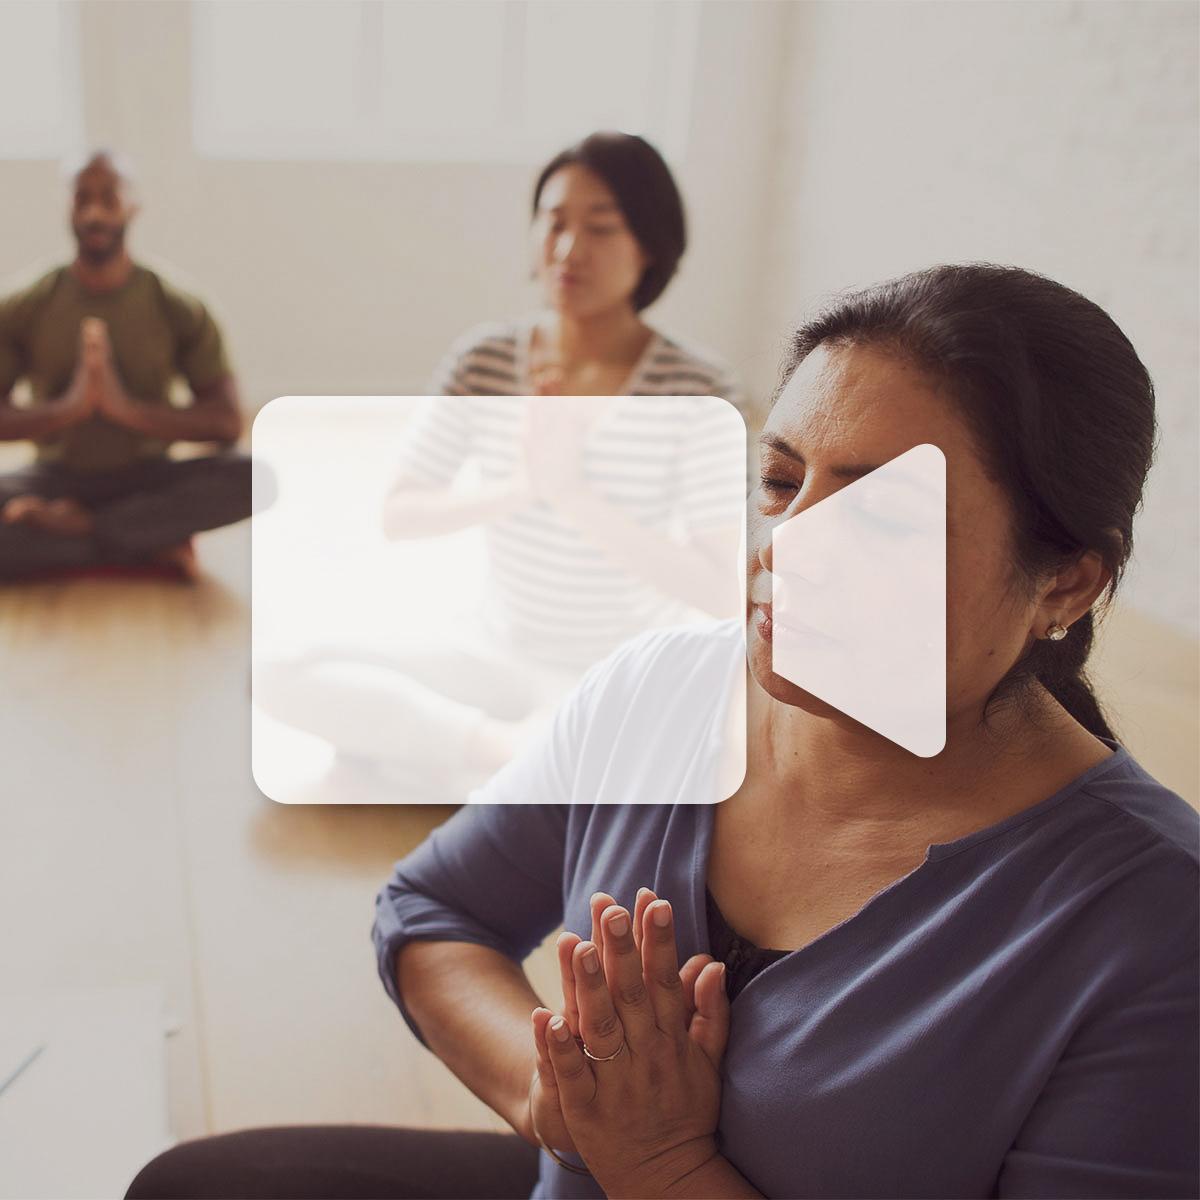 En ligne - Pratique de méditation pleine conscience